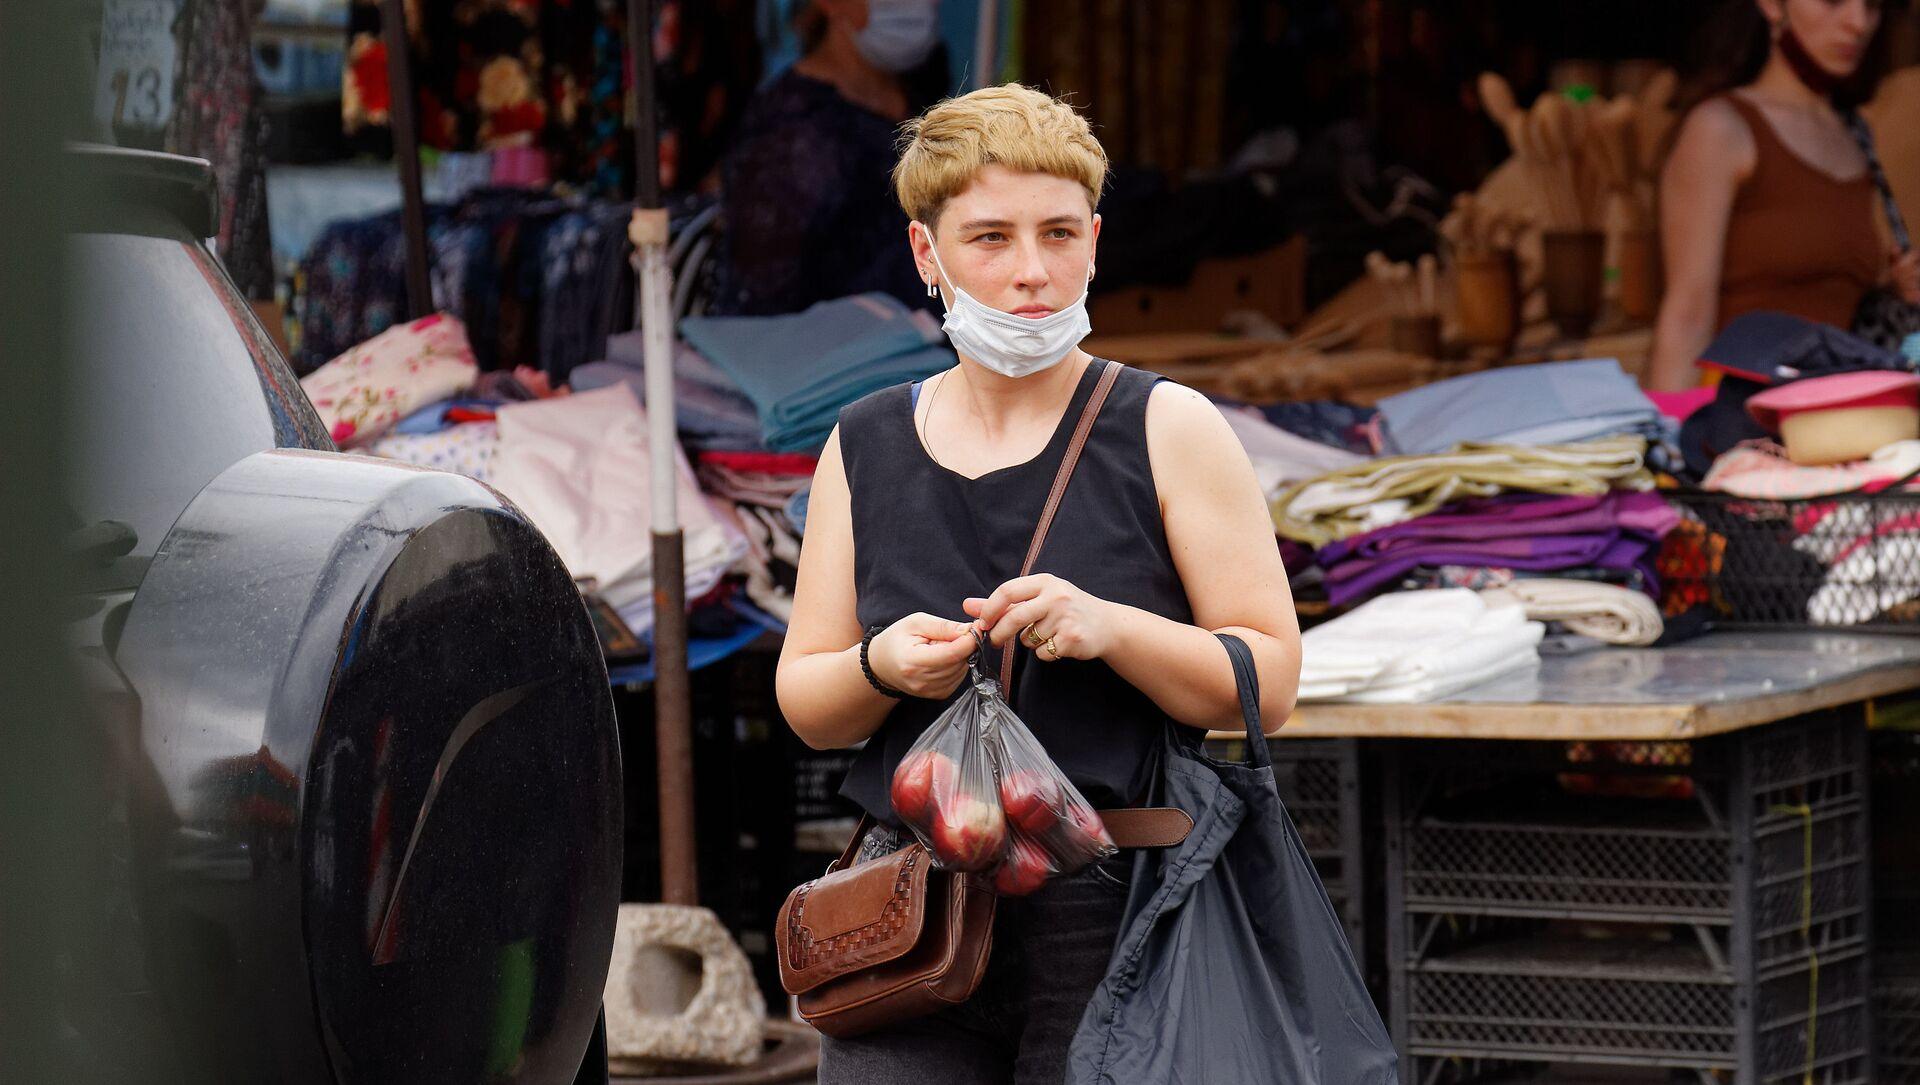 Эпидемия коронавируса - покупатели на рынке в масках - Sputnik Грузия, 1920, 10.07.2021